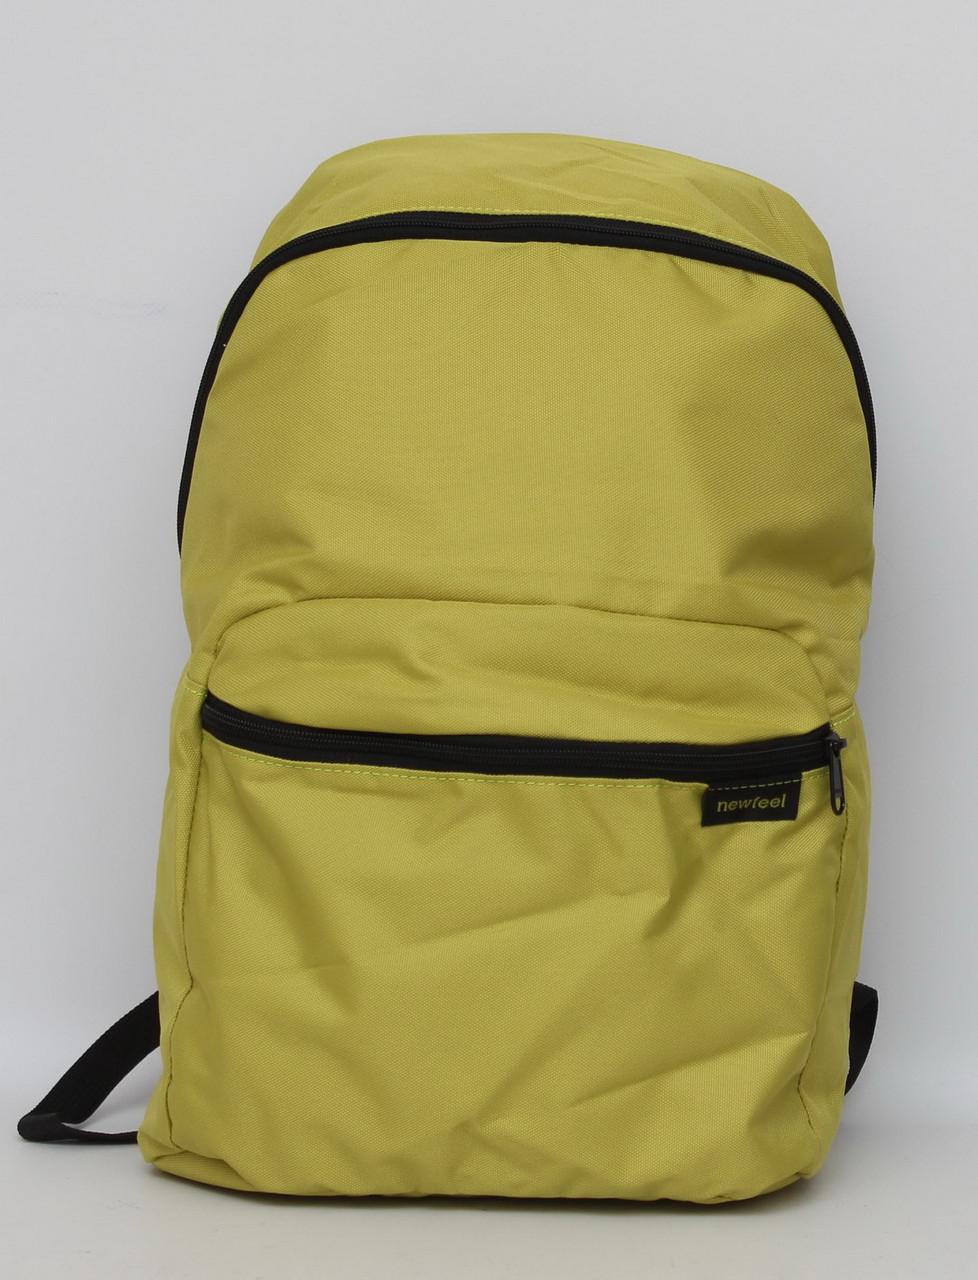 32f963c4424a Рюкзаки из полиэстера - купить в Золочеве ᐉ Продажа рюкзаков из ...